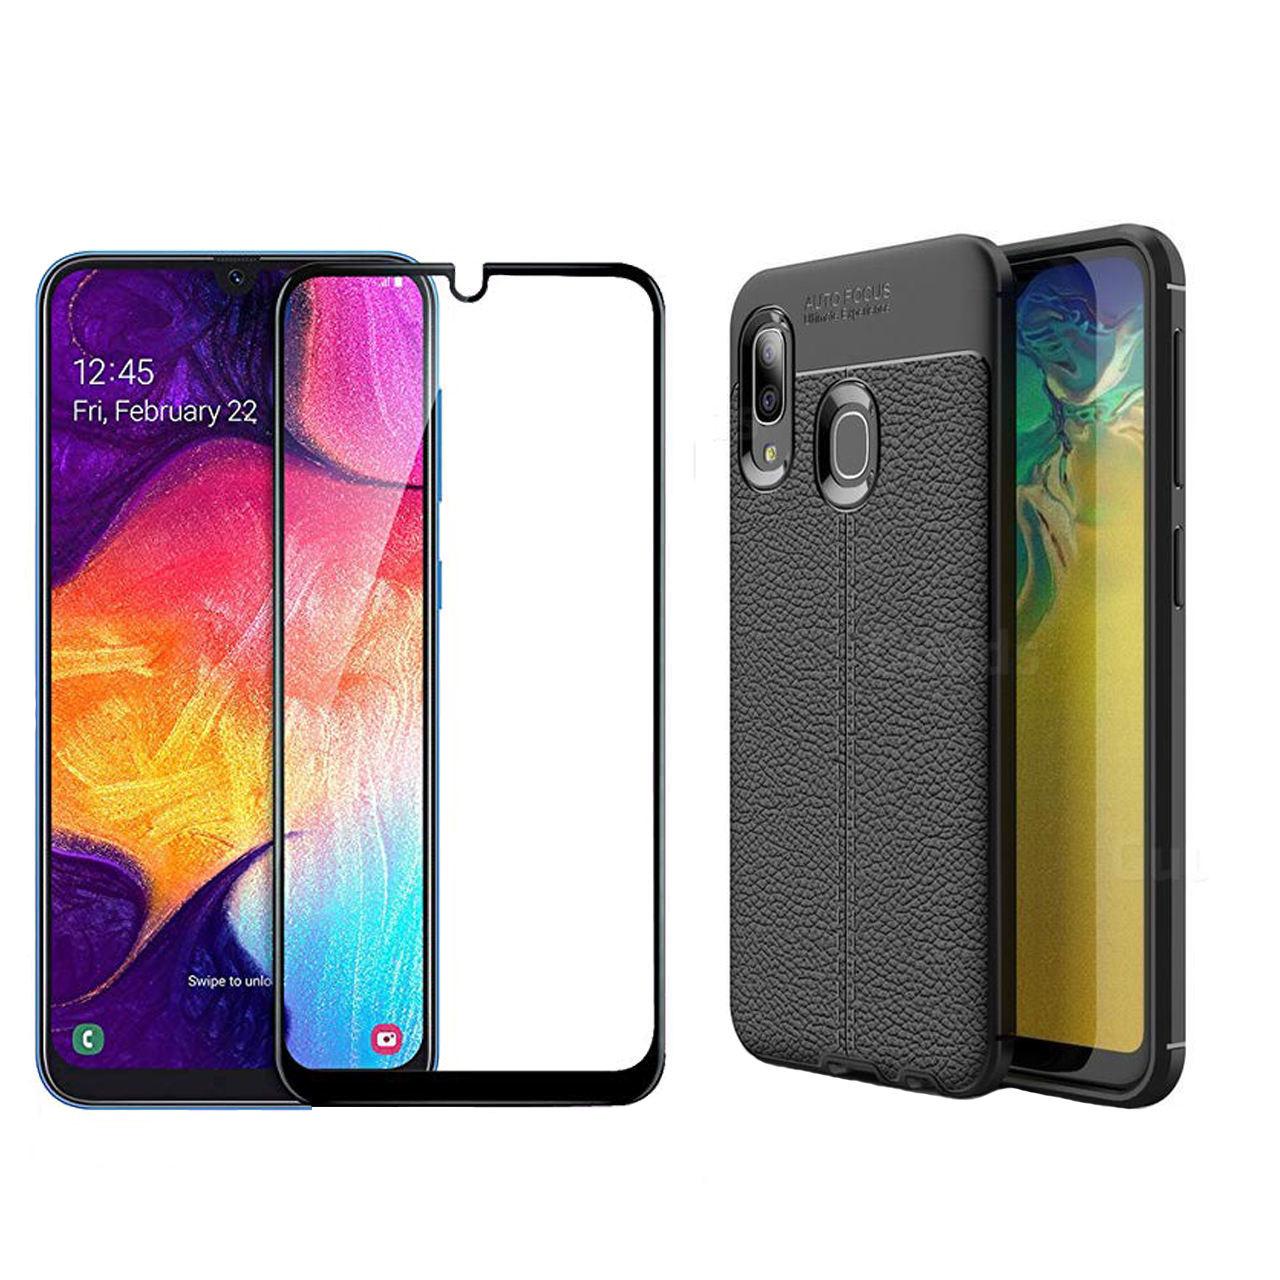 کاور مورفی مدل LM7 مناسب برای گوشی موبایل سامسونگ Galaxy A20 به همراه محافظ صفحه نمایش